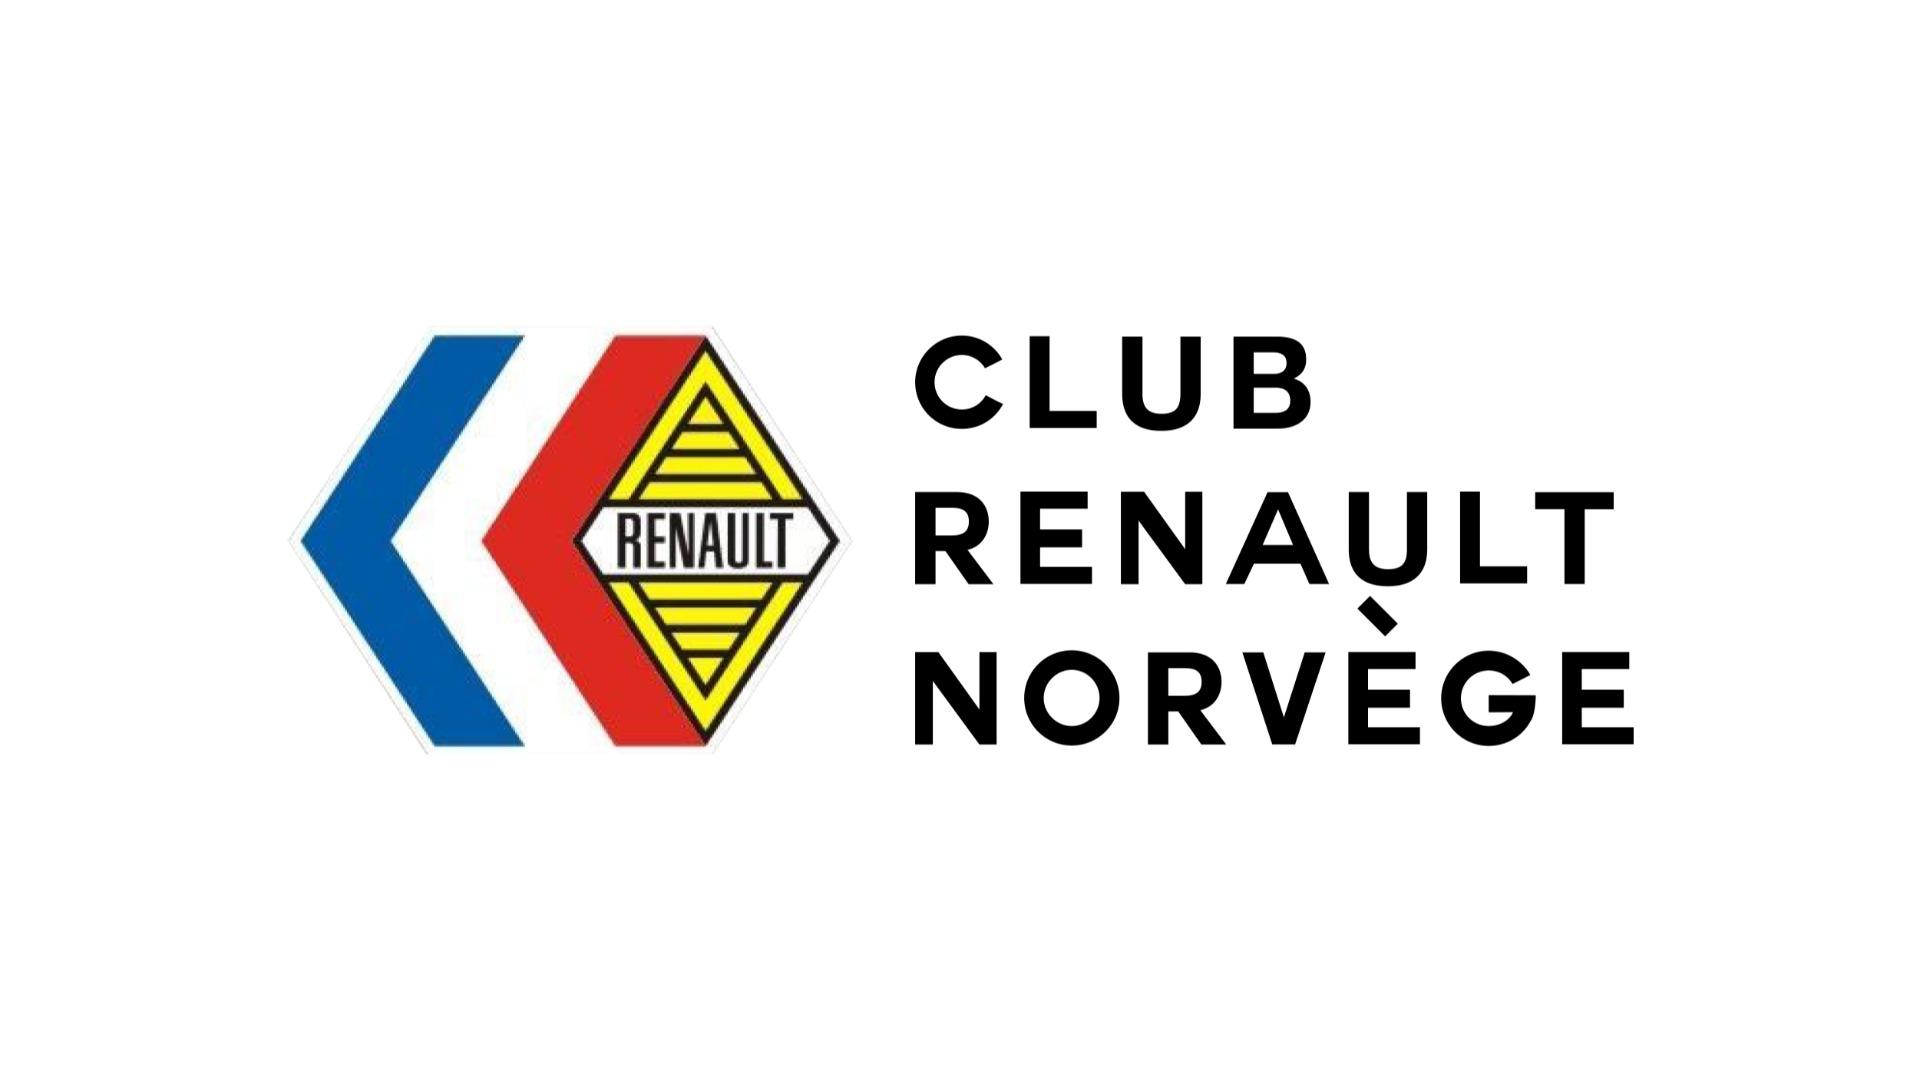 Club+renault+norvege-Fullskjerm.jpg